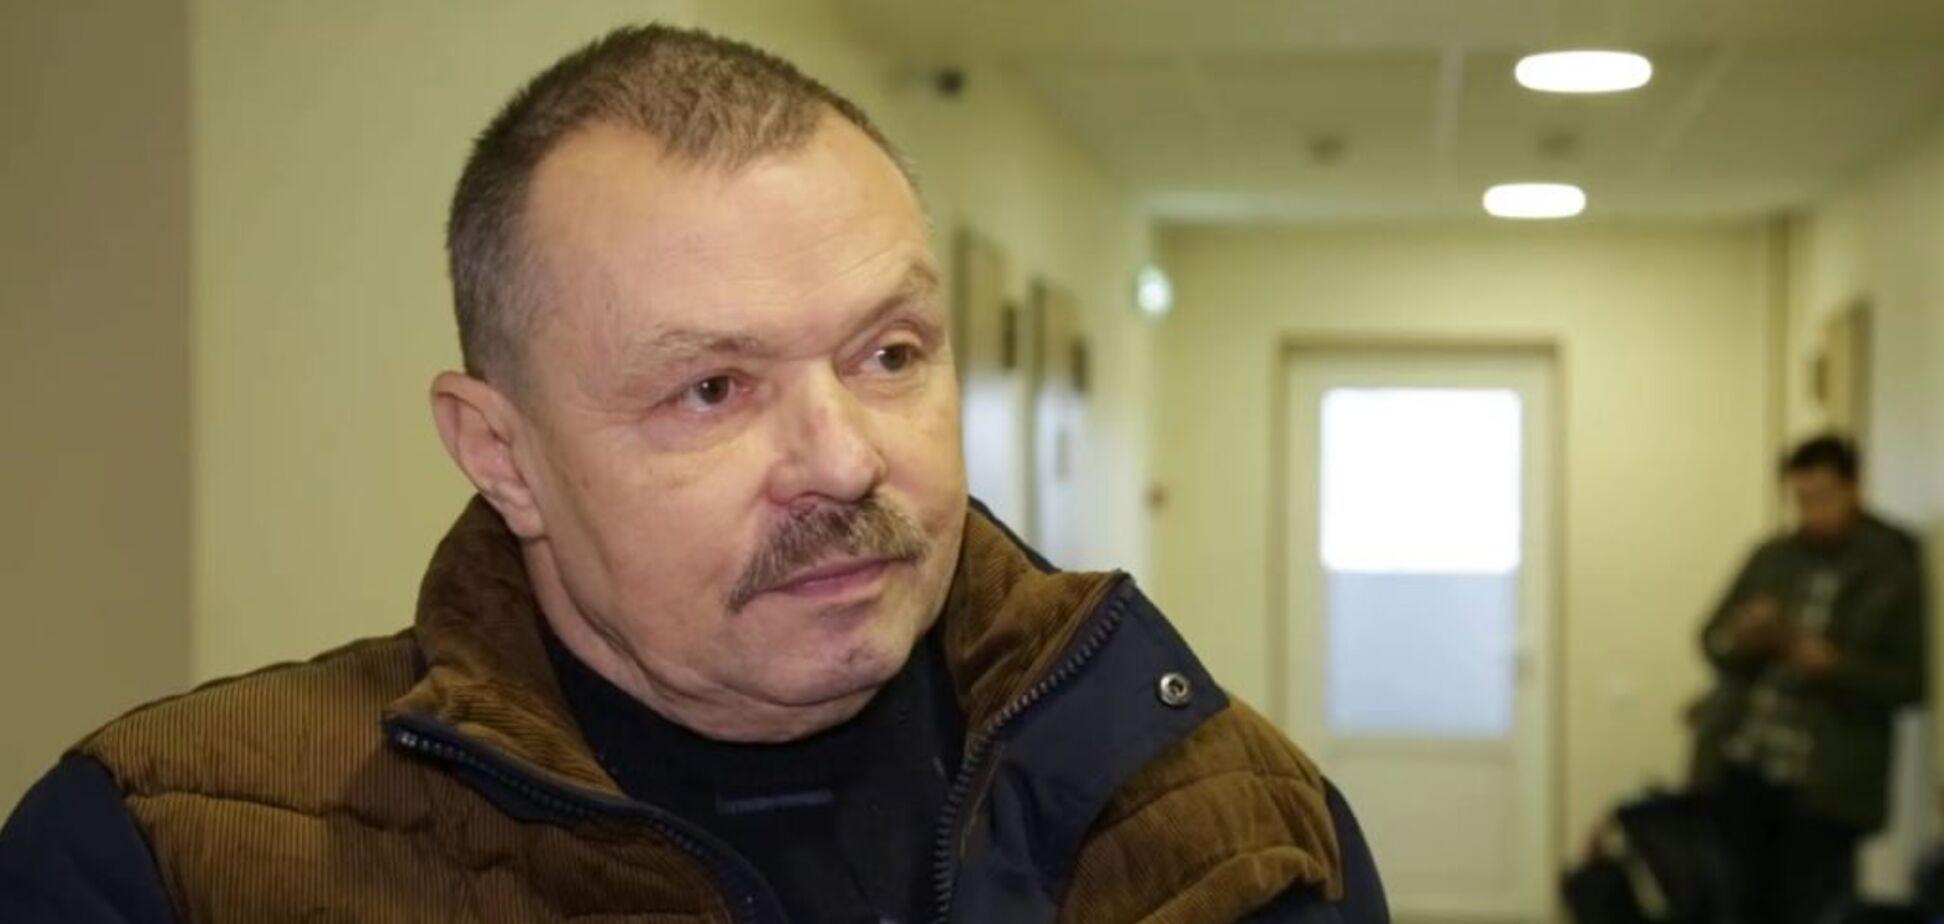 У січні 2020 року Василя Ганиша засудили до 12 років позбавлення волі за держзраду